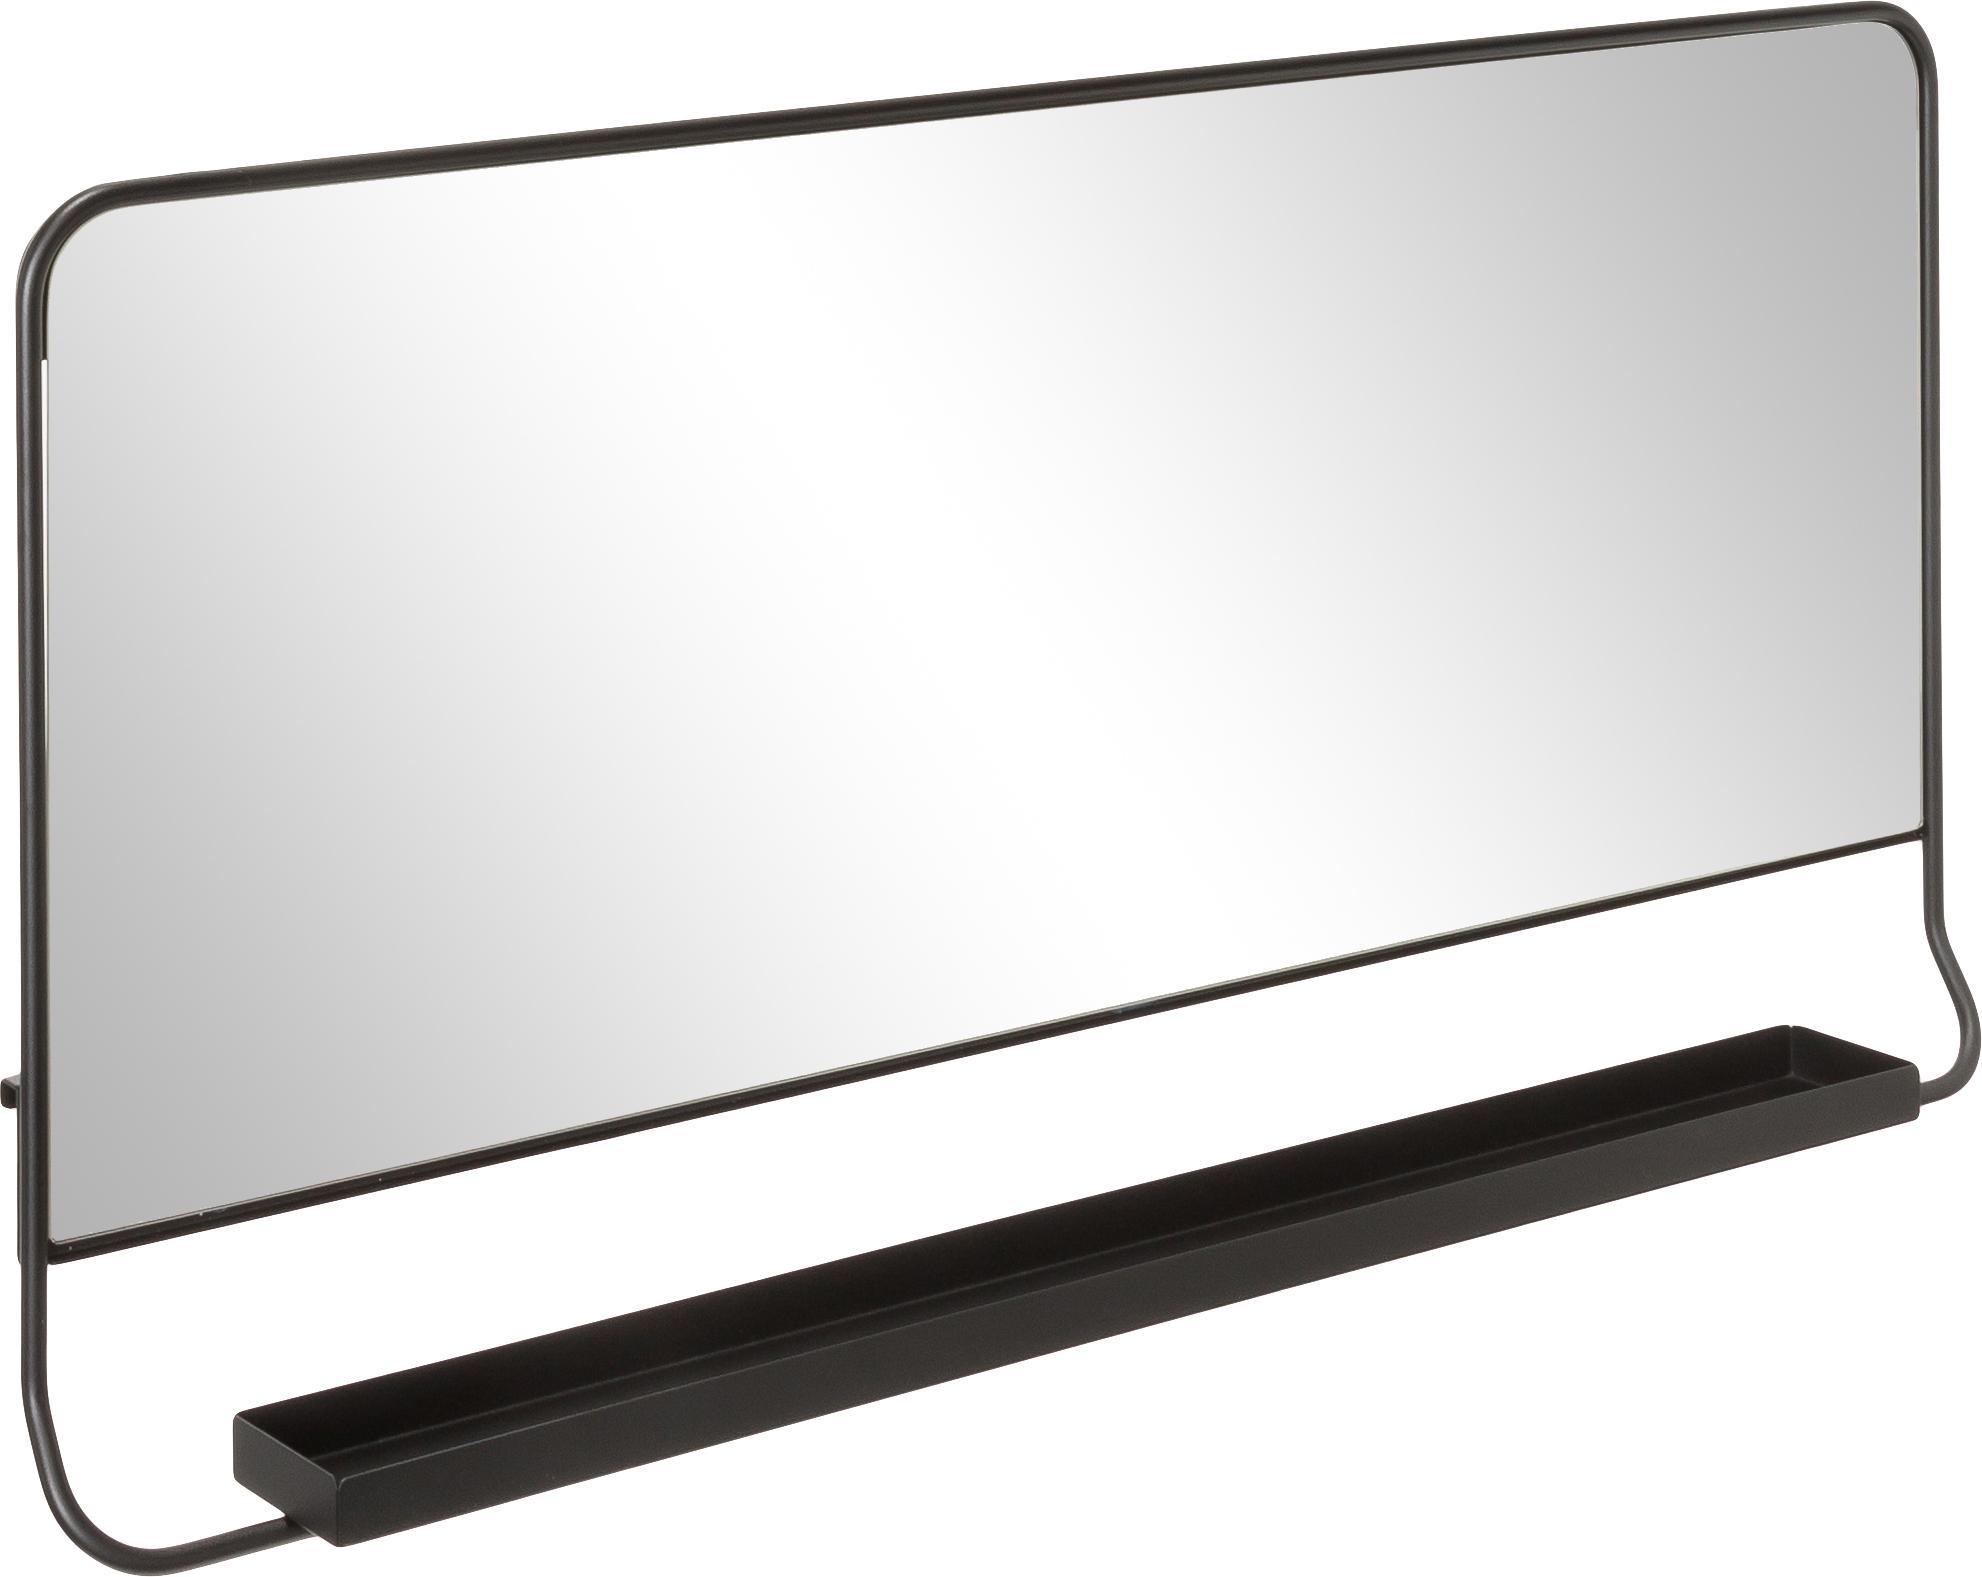 Rechthoekige wandspiegel Chic met plank, Zwart, spiegelglas, 80 x 40 cm